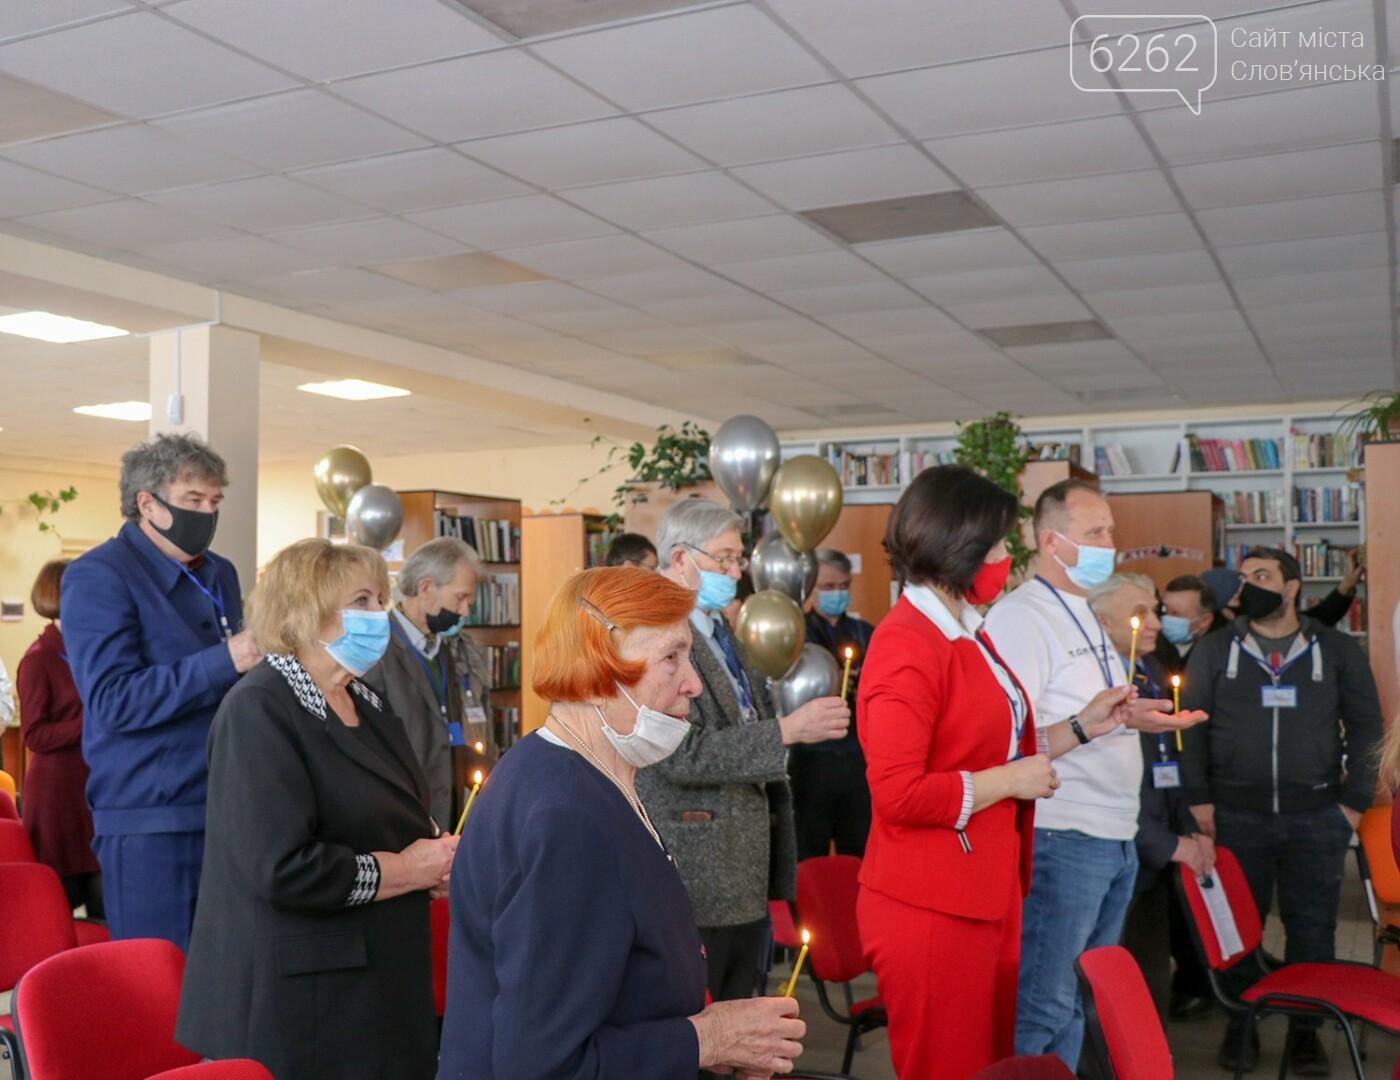 У слов'янській бібліотеці відбувся всеукраїнський фестиваль пам'яті Сосюри, фото-12